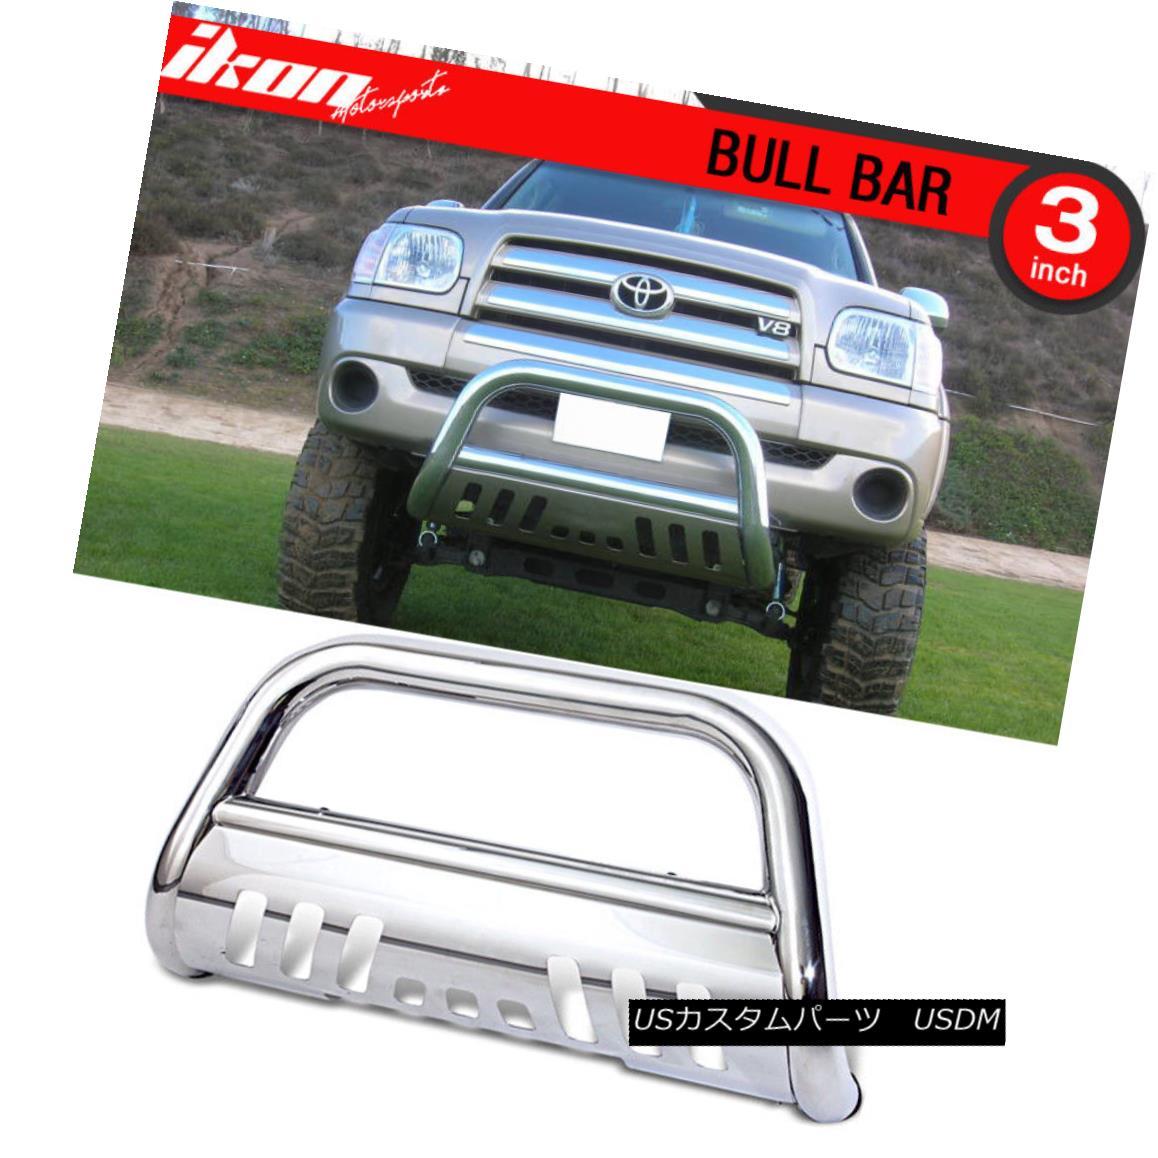 グリル Fits 99-06 Tundra 01-07 Sequoia Ss Bull Bar Grill Guard Front Bumper Fits 99-06 Tundra 01-07セコイアSsブルバーグリルガードフロントバンパー